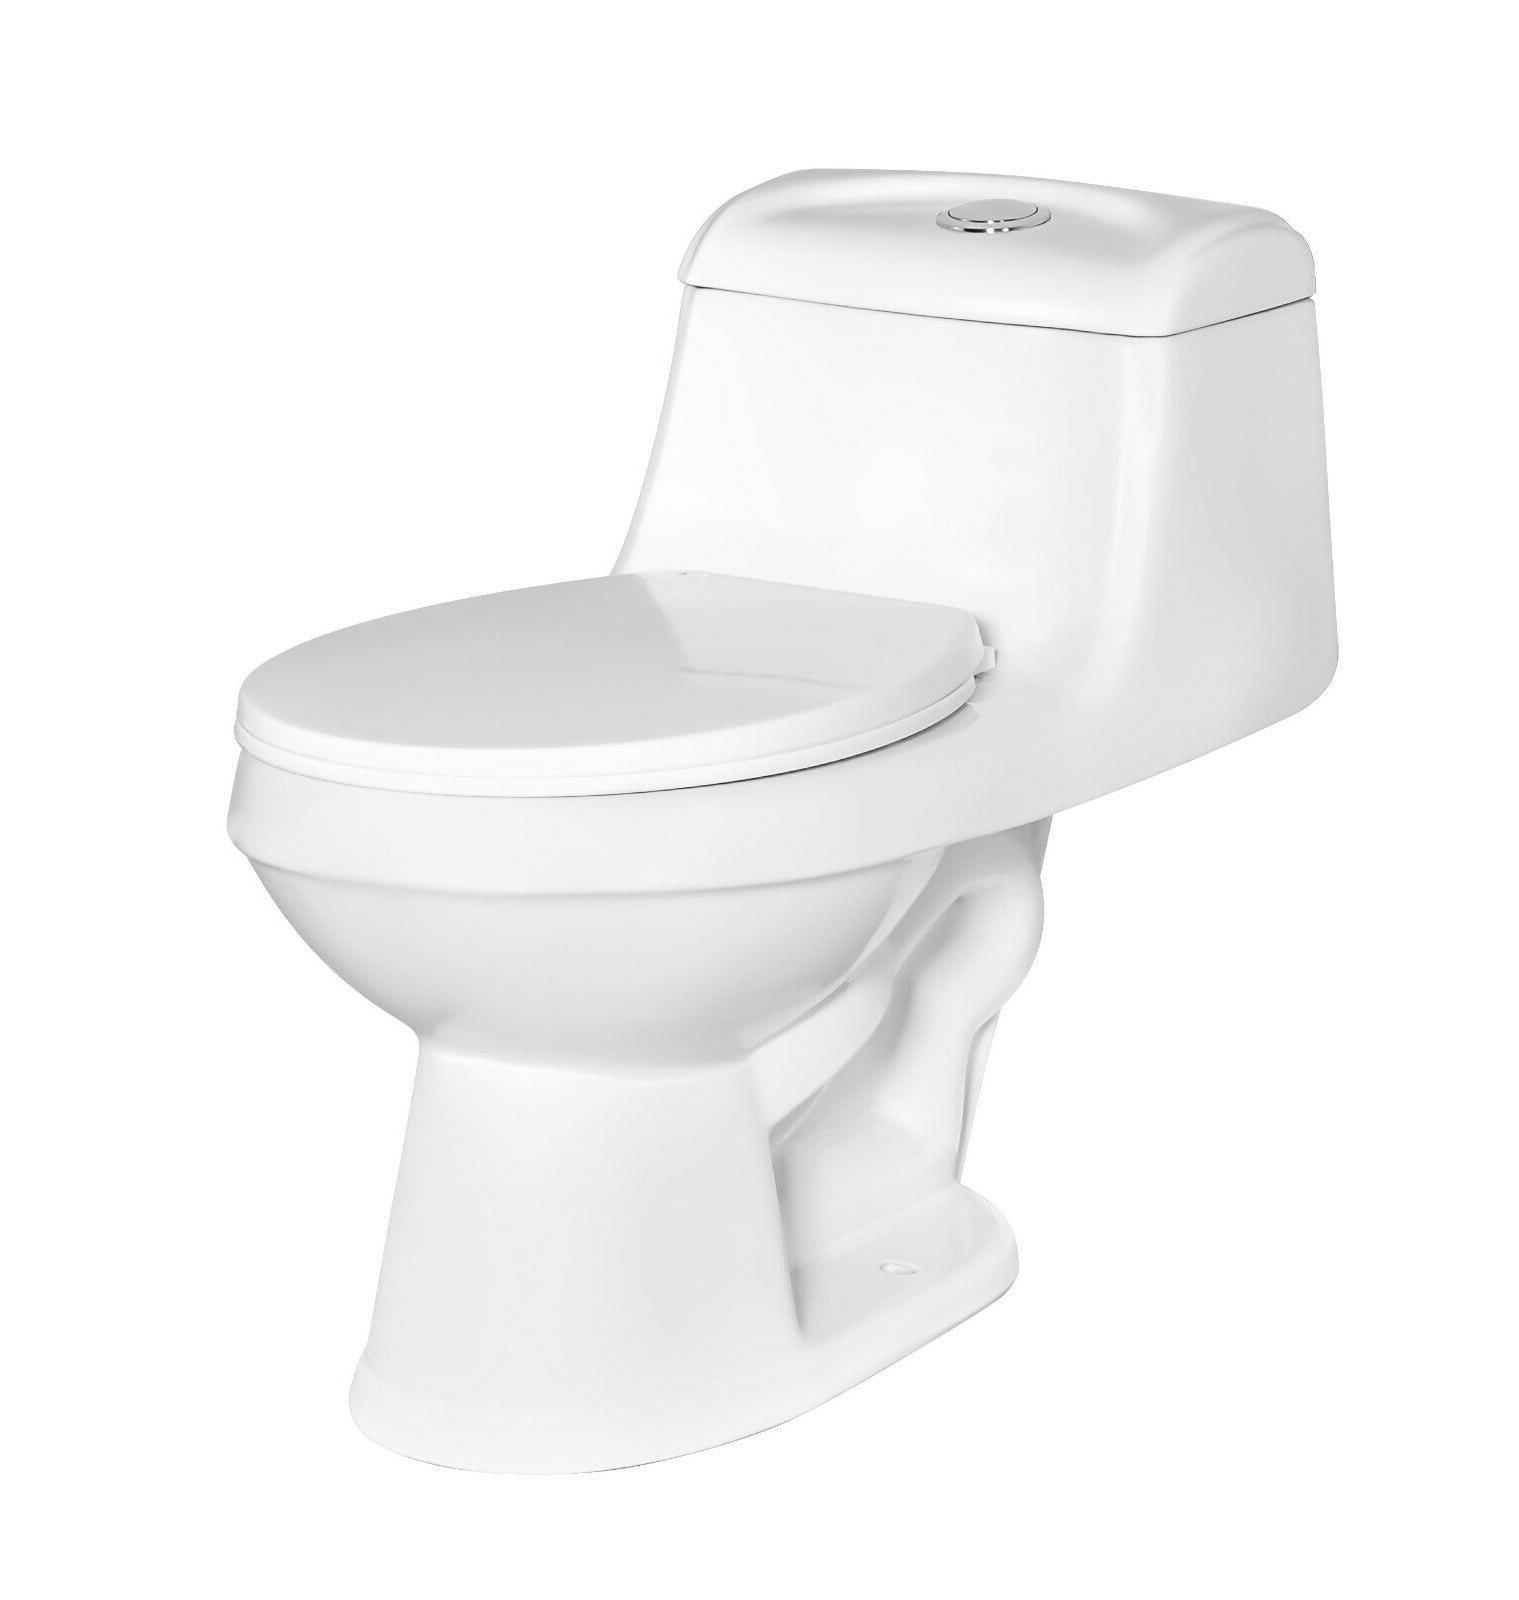 deville 6812w round front one piece toilet